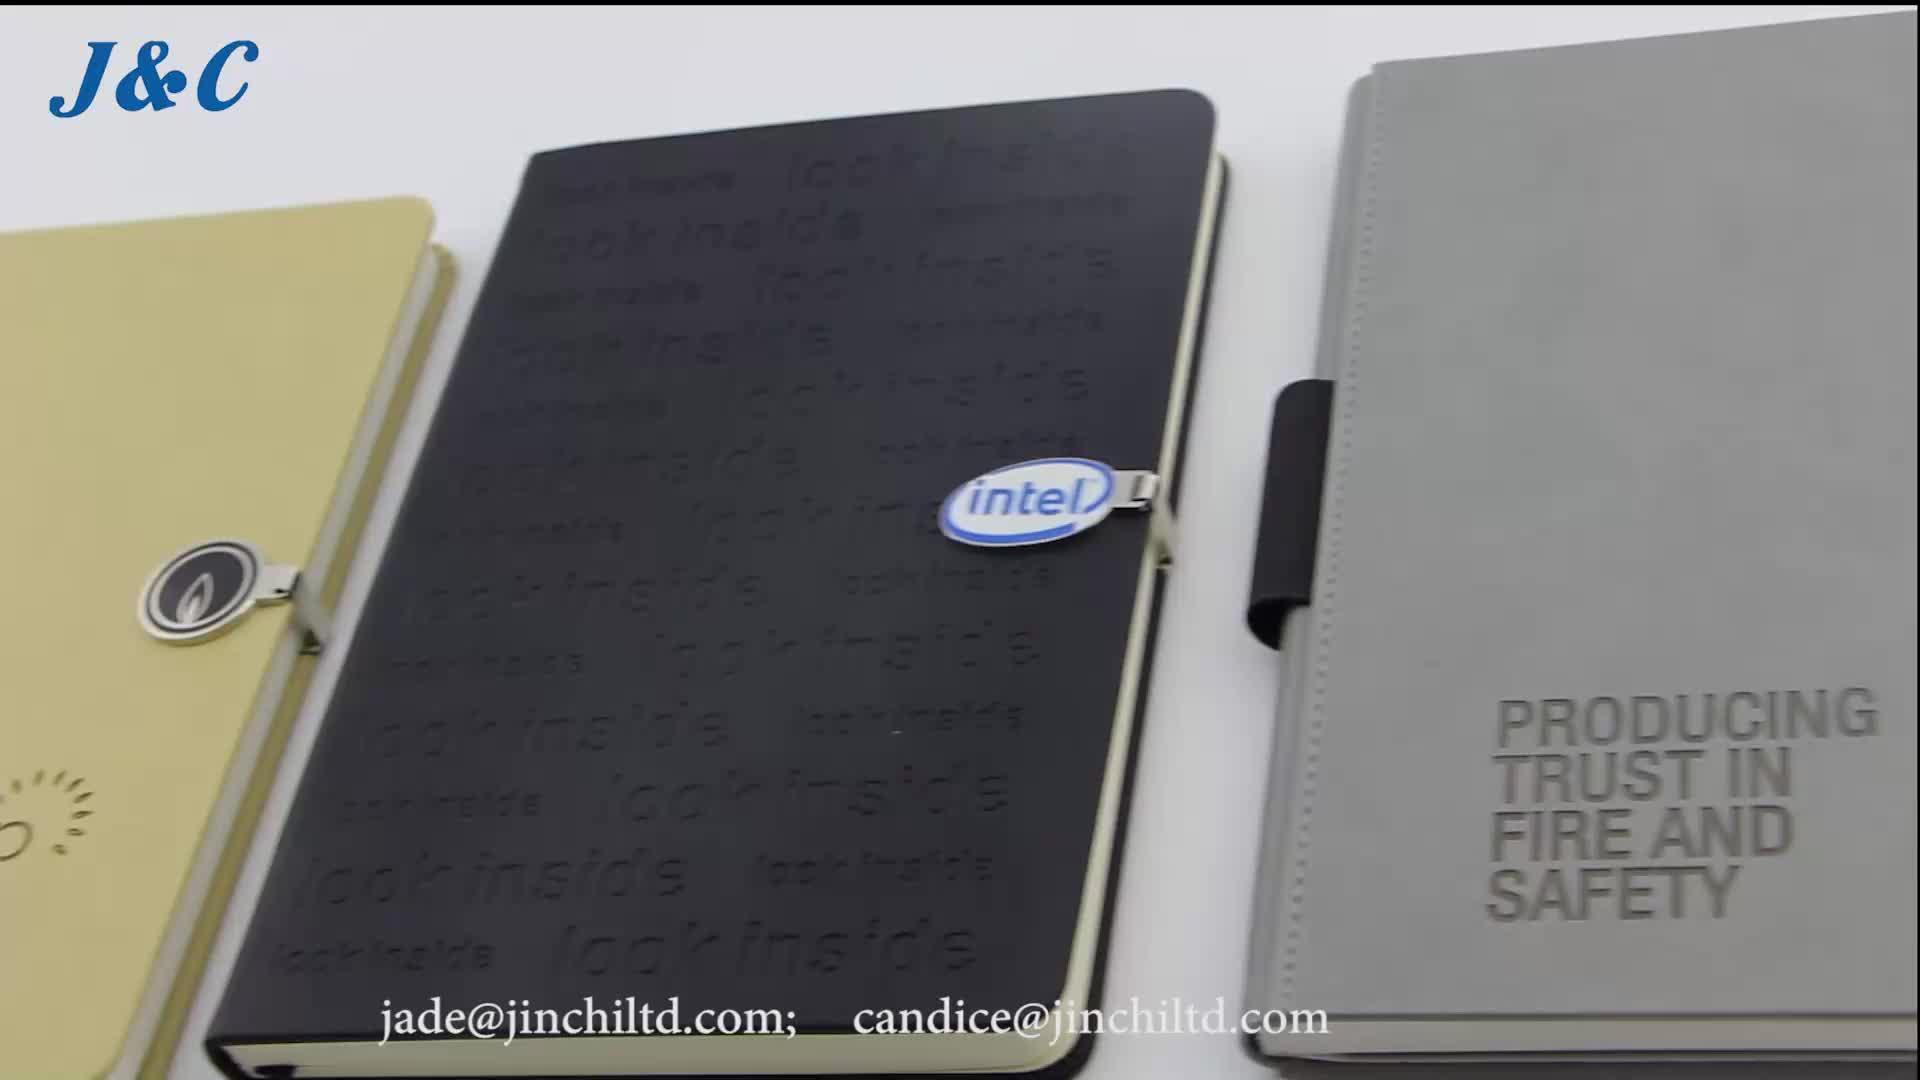 A4 A5 A6 Ý pu da kế hoạch tùy chỉnh nhật ký vẽ máy tính xách tay in ấn tạp chí tùy chỉnh cứng bìa thiết kế dập nổi Chương Trình Nghị Sự